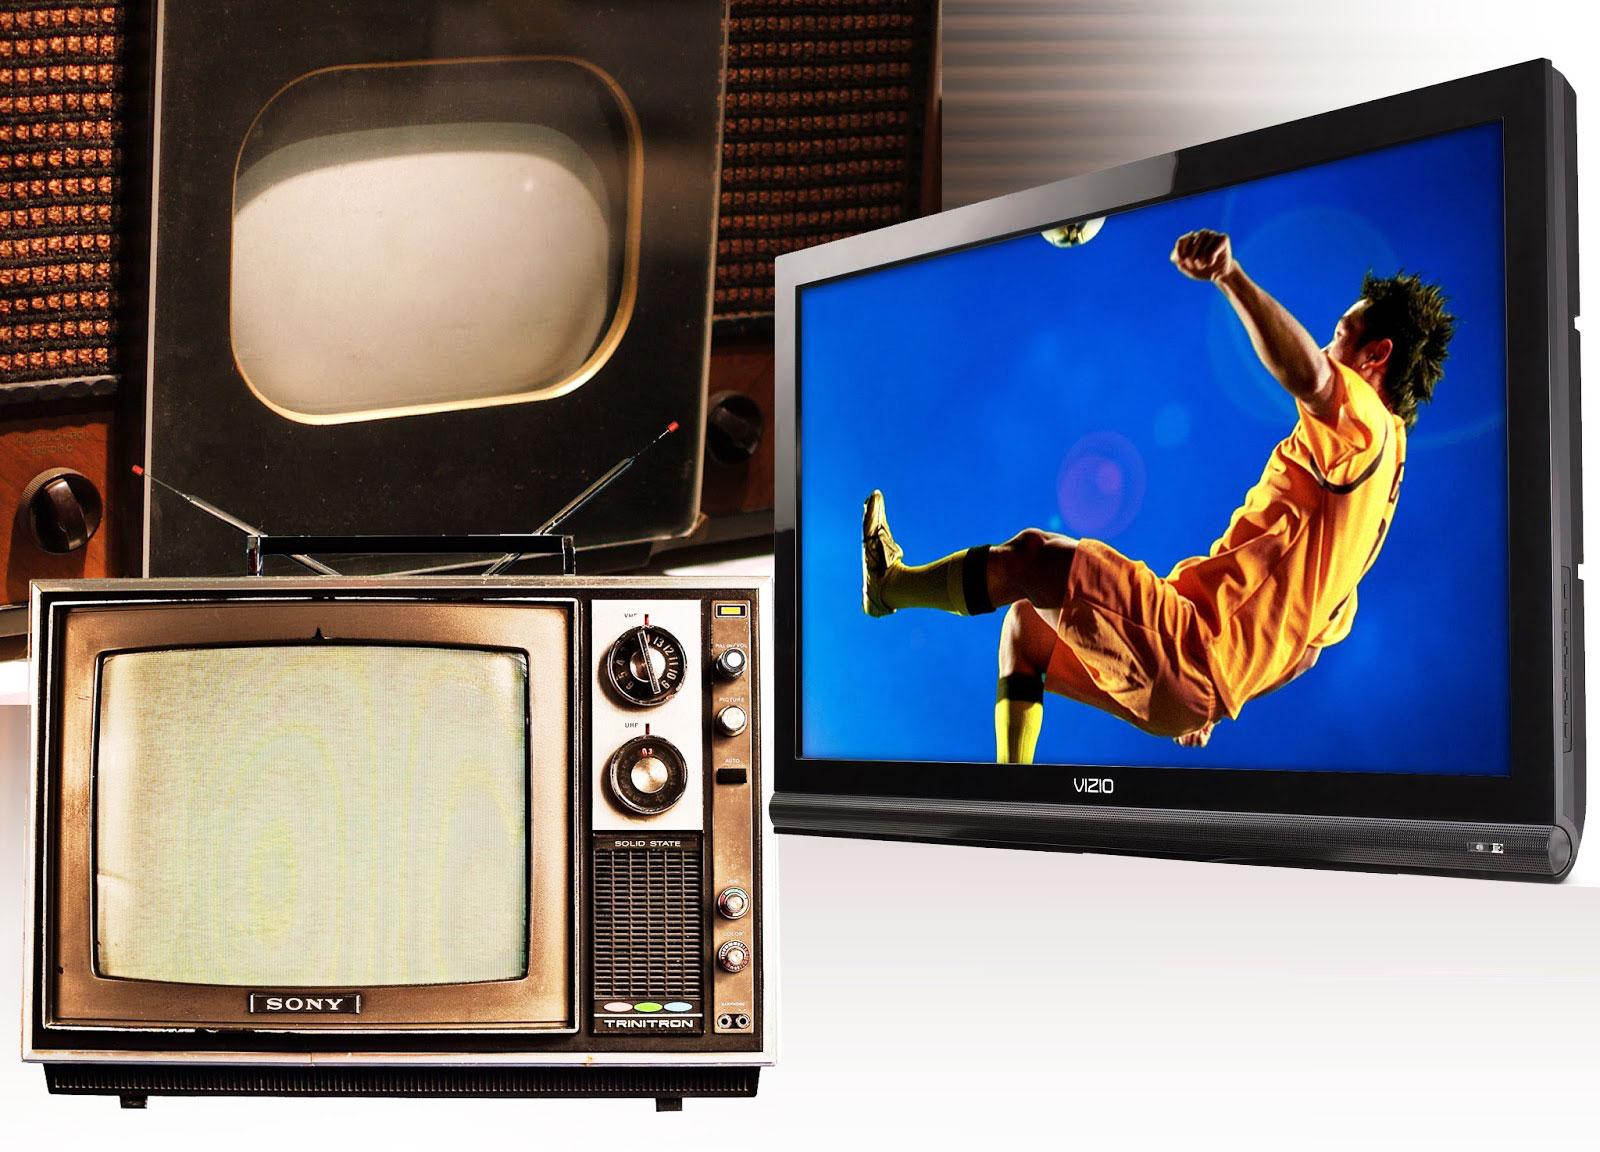 21 ноября. Всемирный день телевидения. Поздравляю вас! открытки фото рисунки картинки поздравления